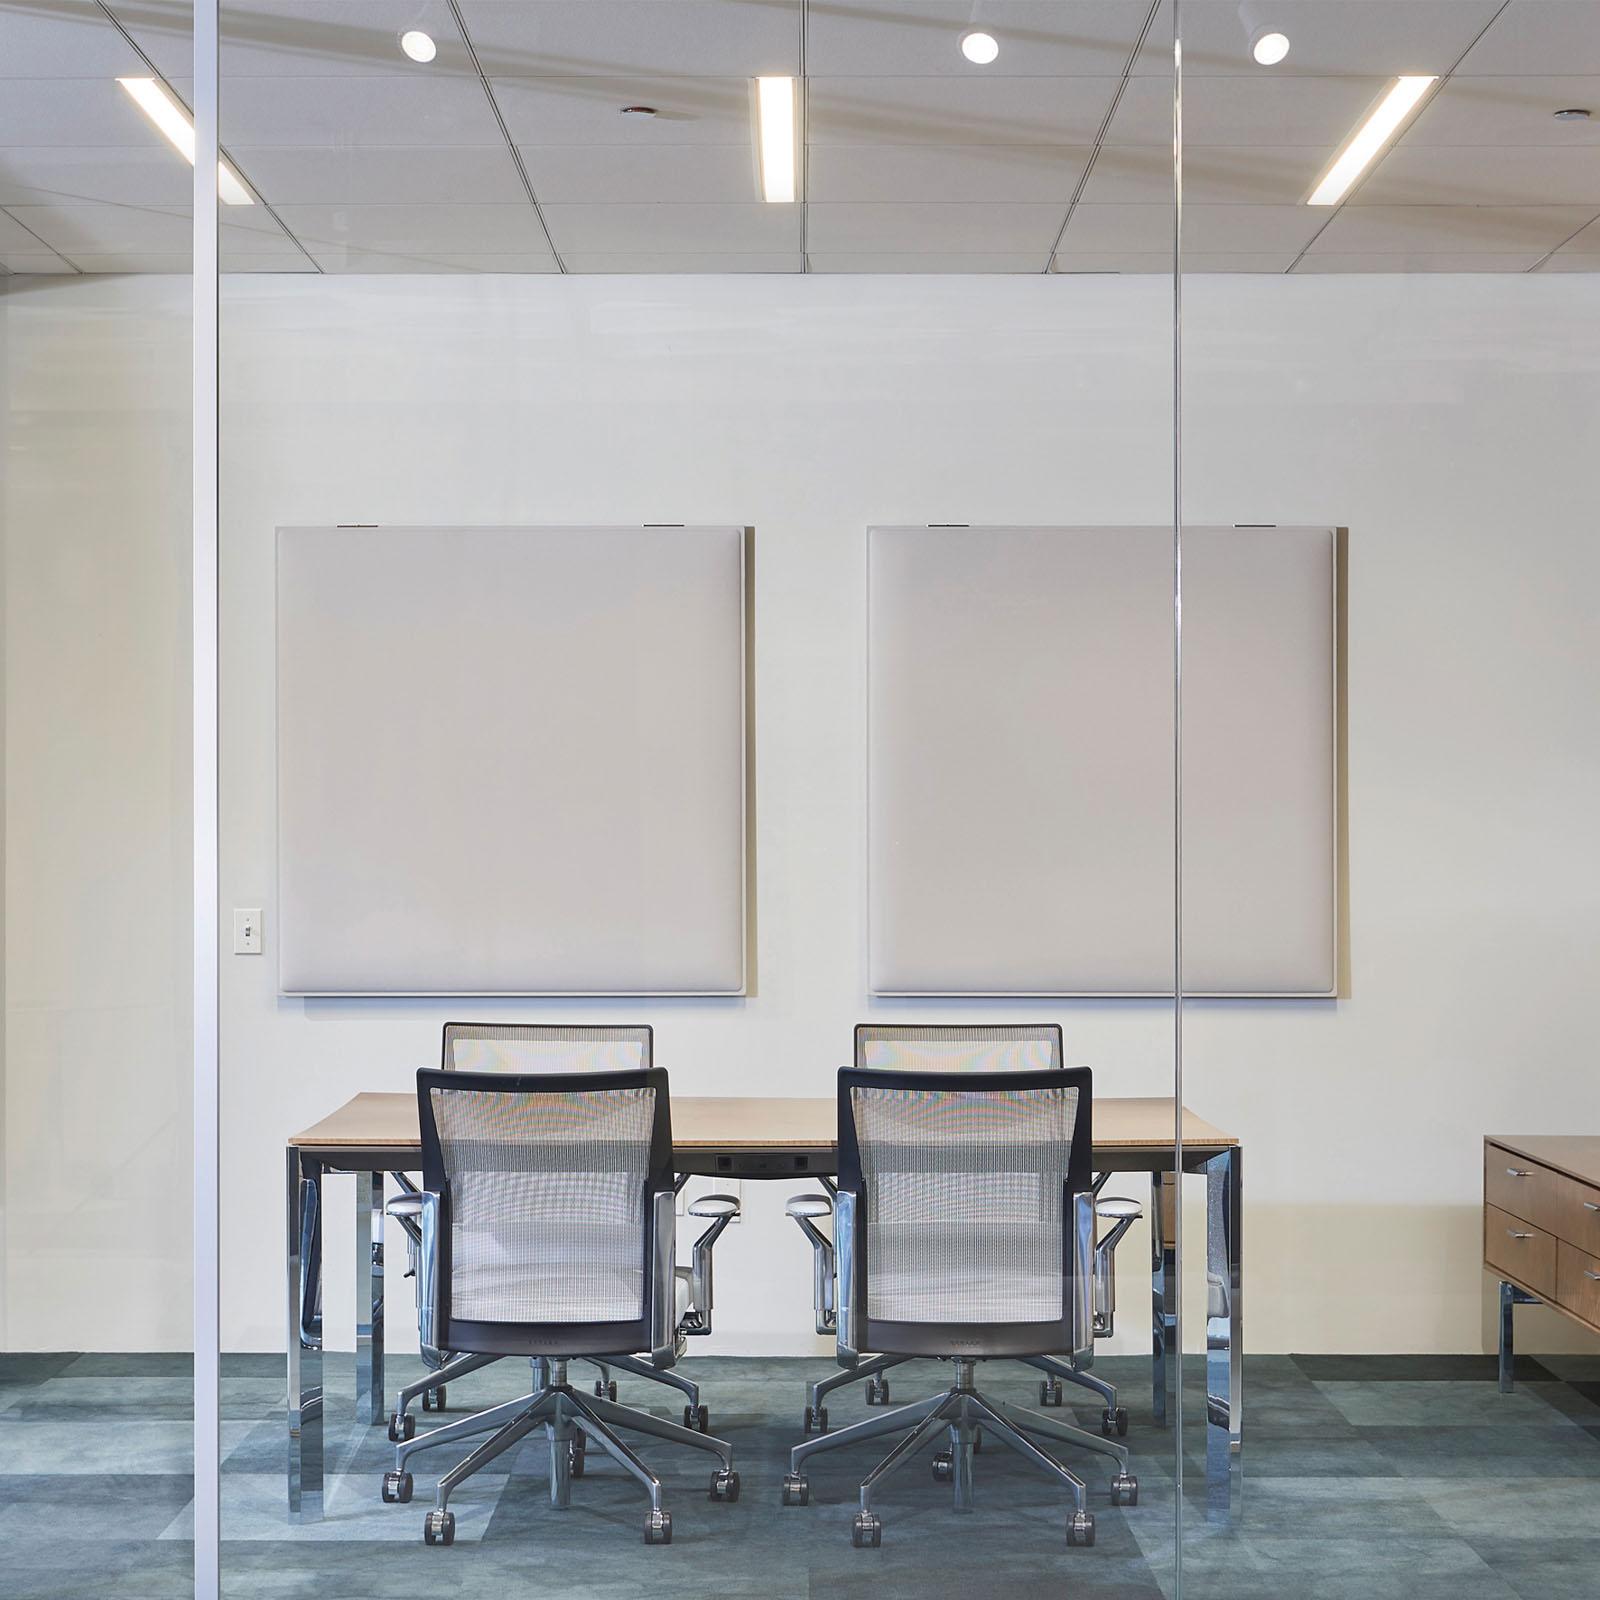 CAIMI Caimi Snowfix Wall - Gamme de panneaux acoustiques muraux